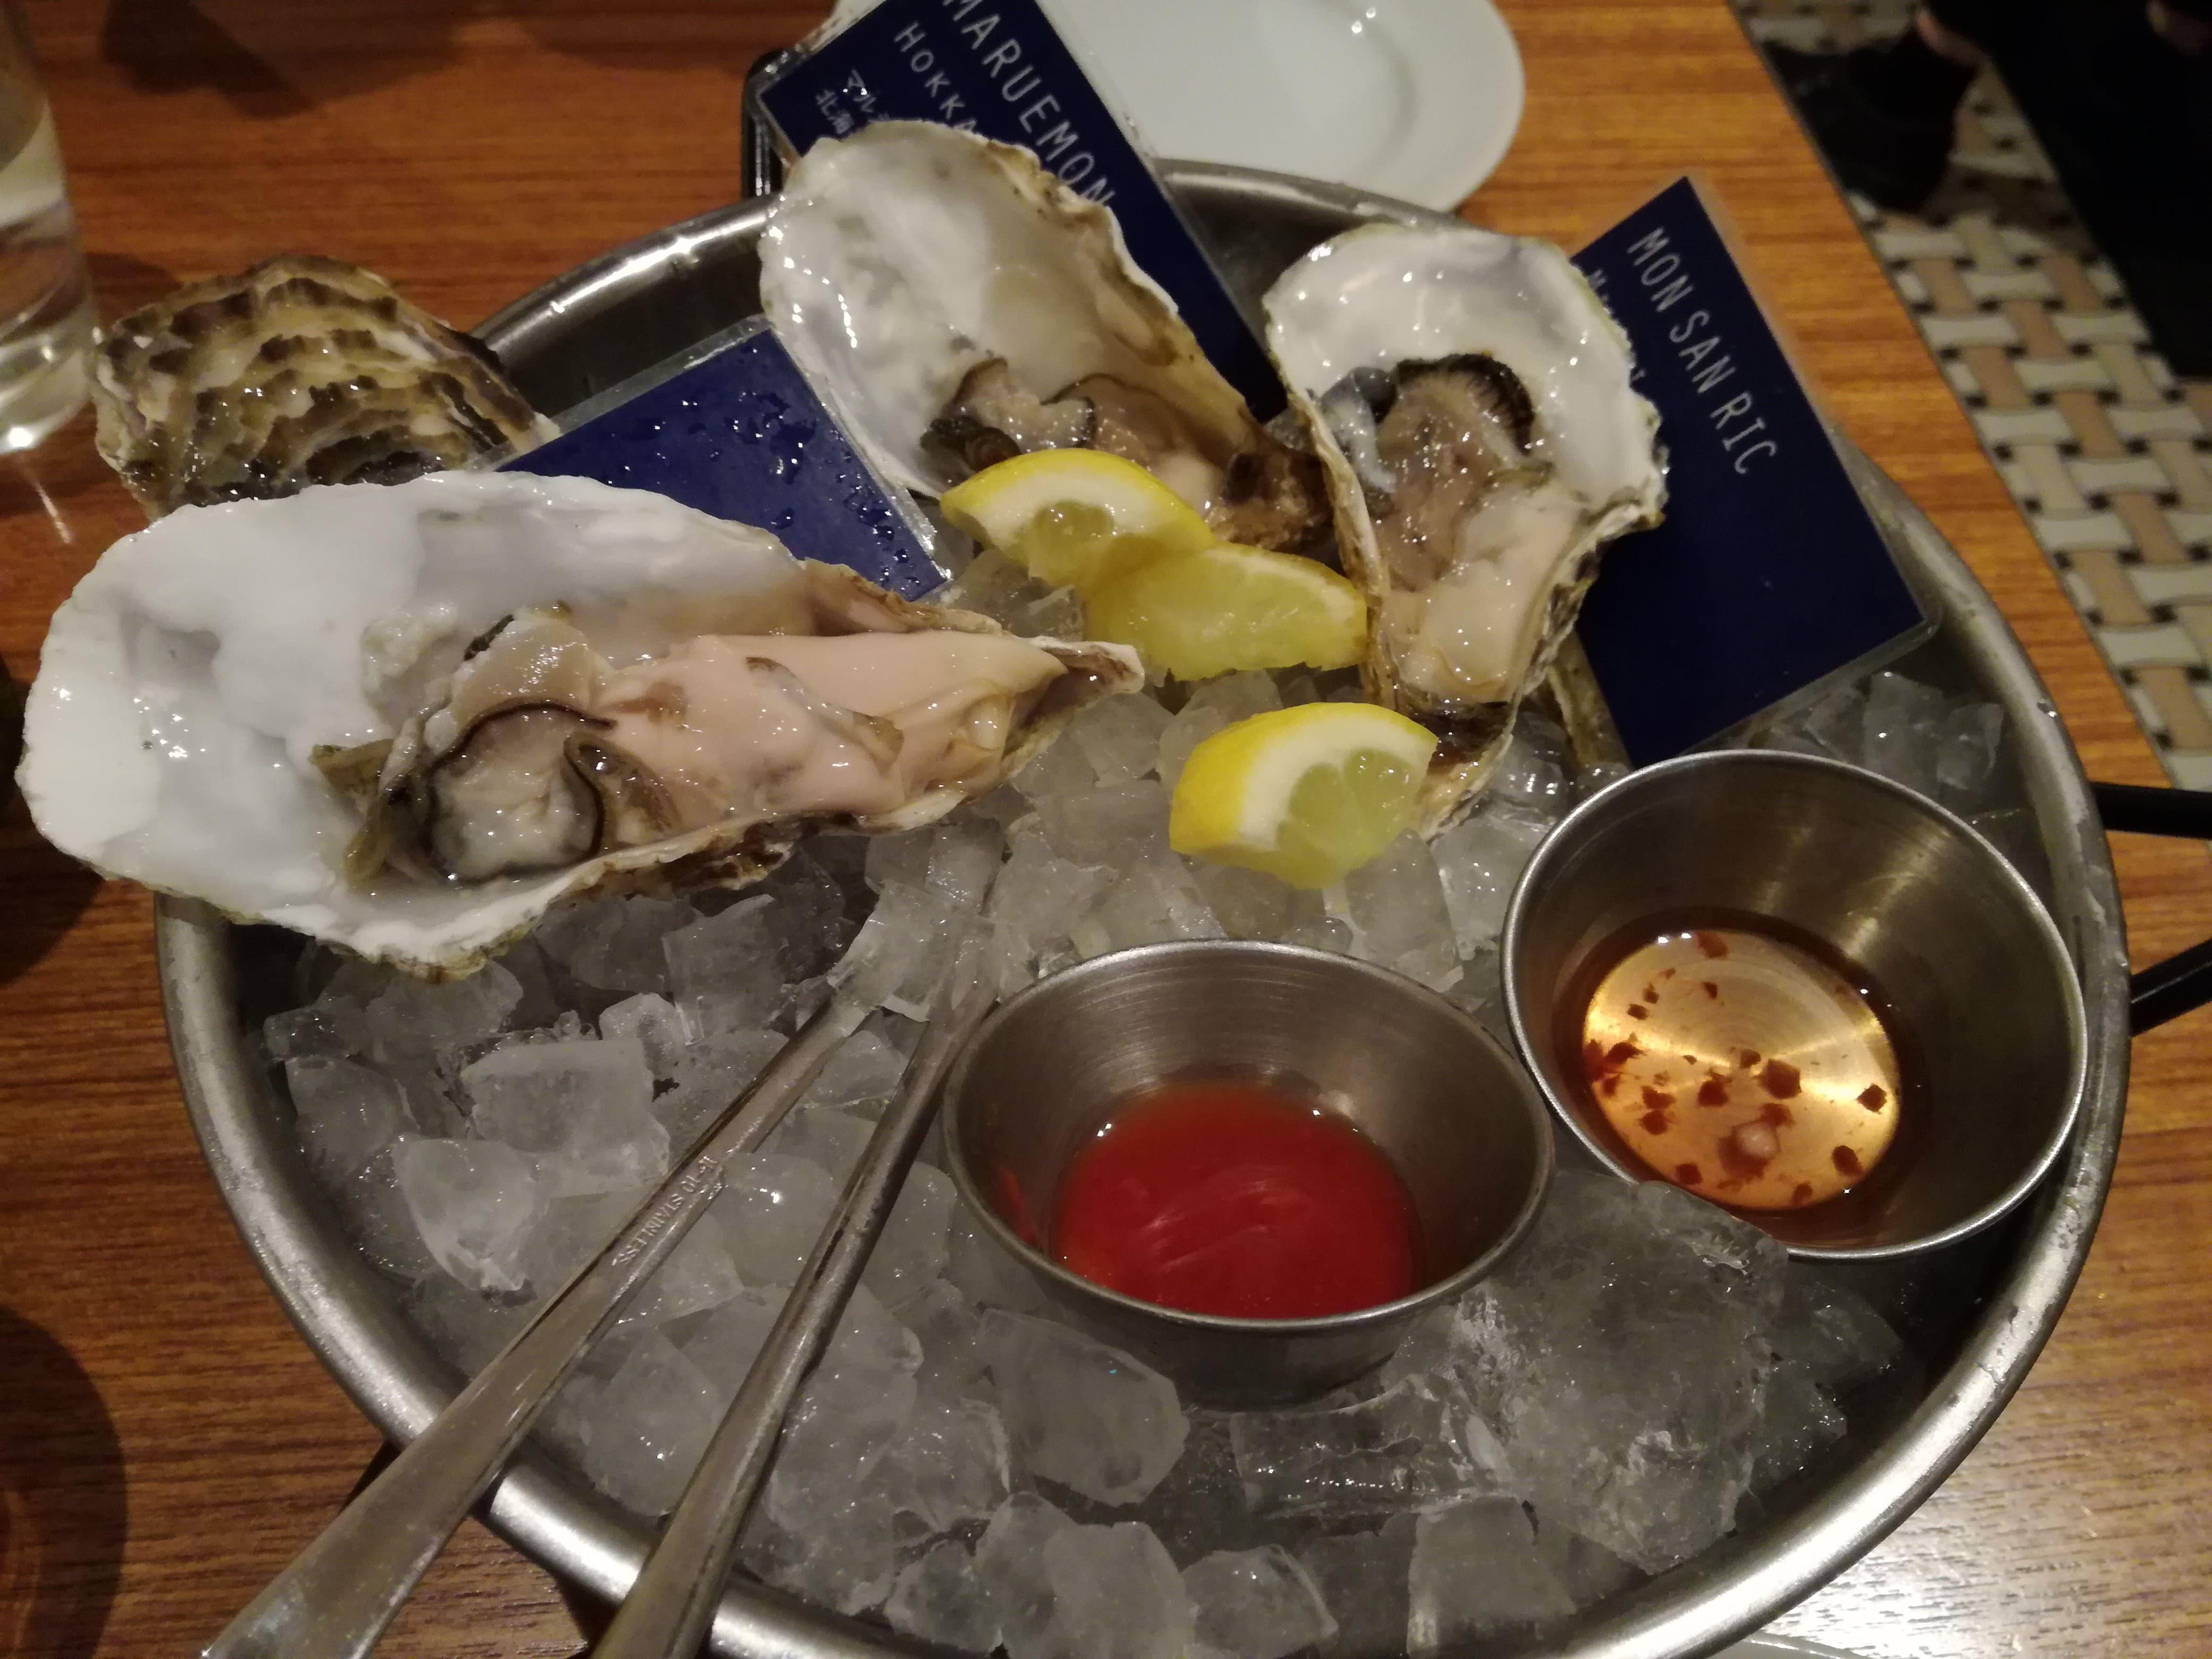 東京ミッドタウン日比谷の「ボストンオイスター&クラブ」と「日比谷焙煎珈琲」でクリレス(3387)の株主優待券を使い切りました!